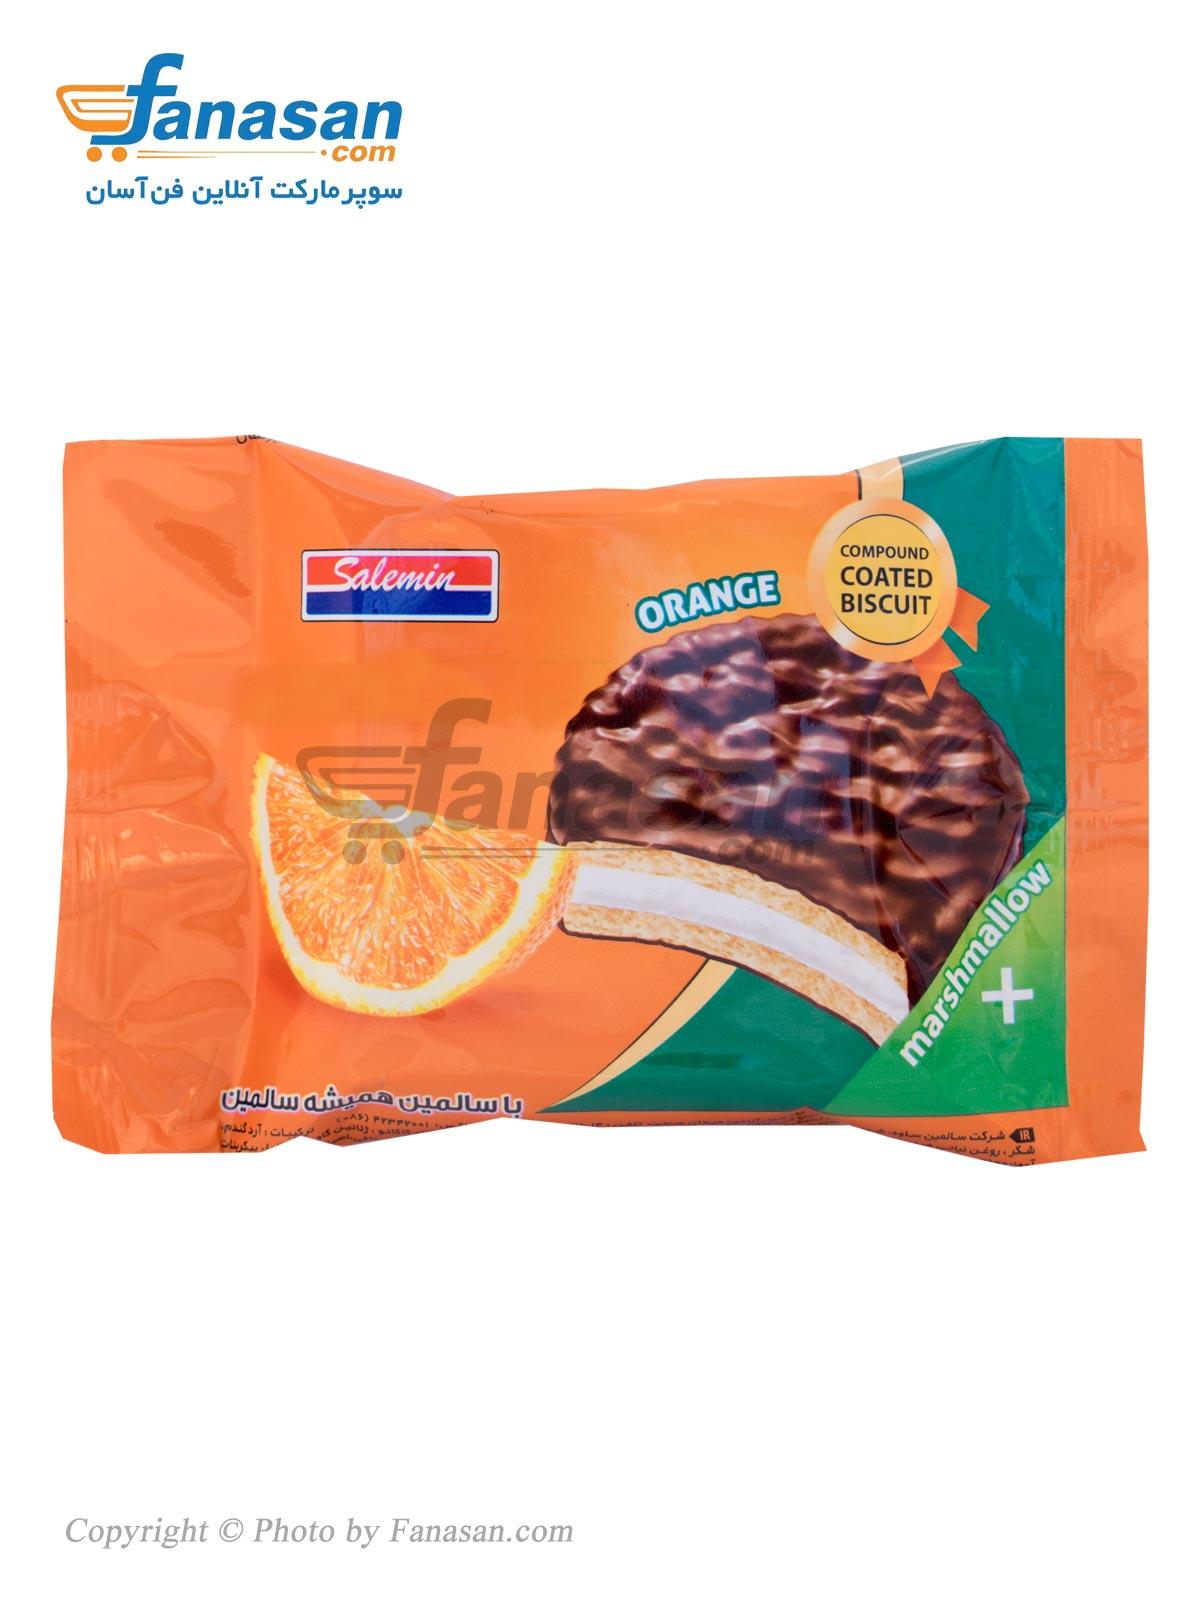 بیسکویت والس سالمین با روکش کاکائویی با طعم پرتقال 25 گرم